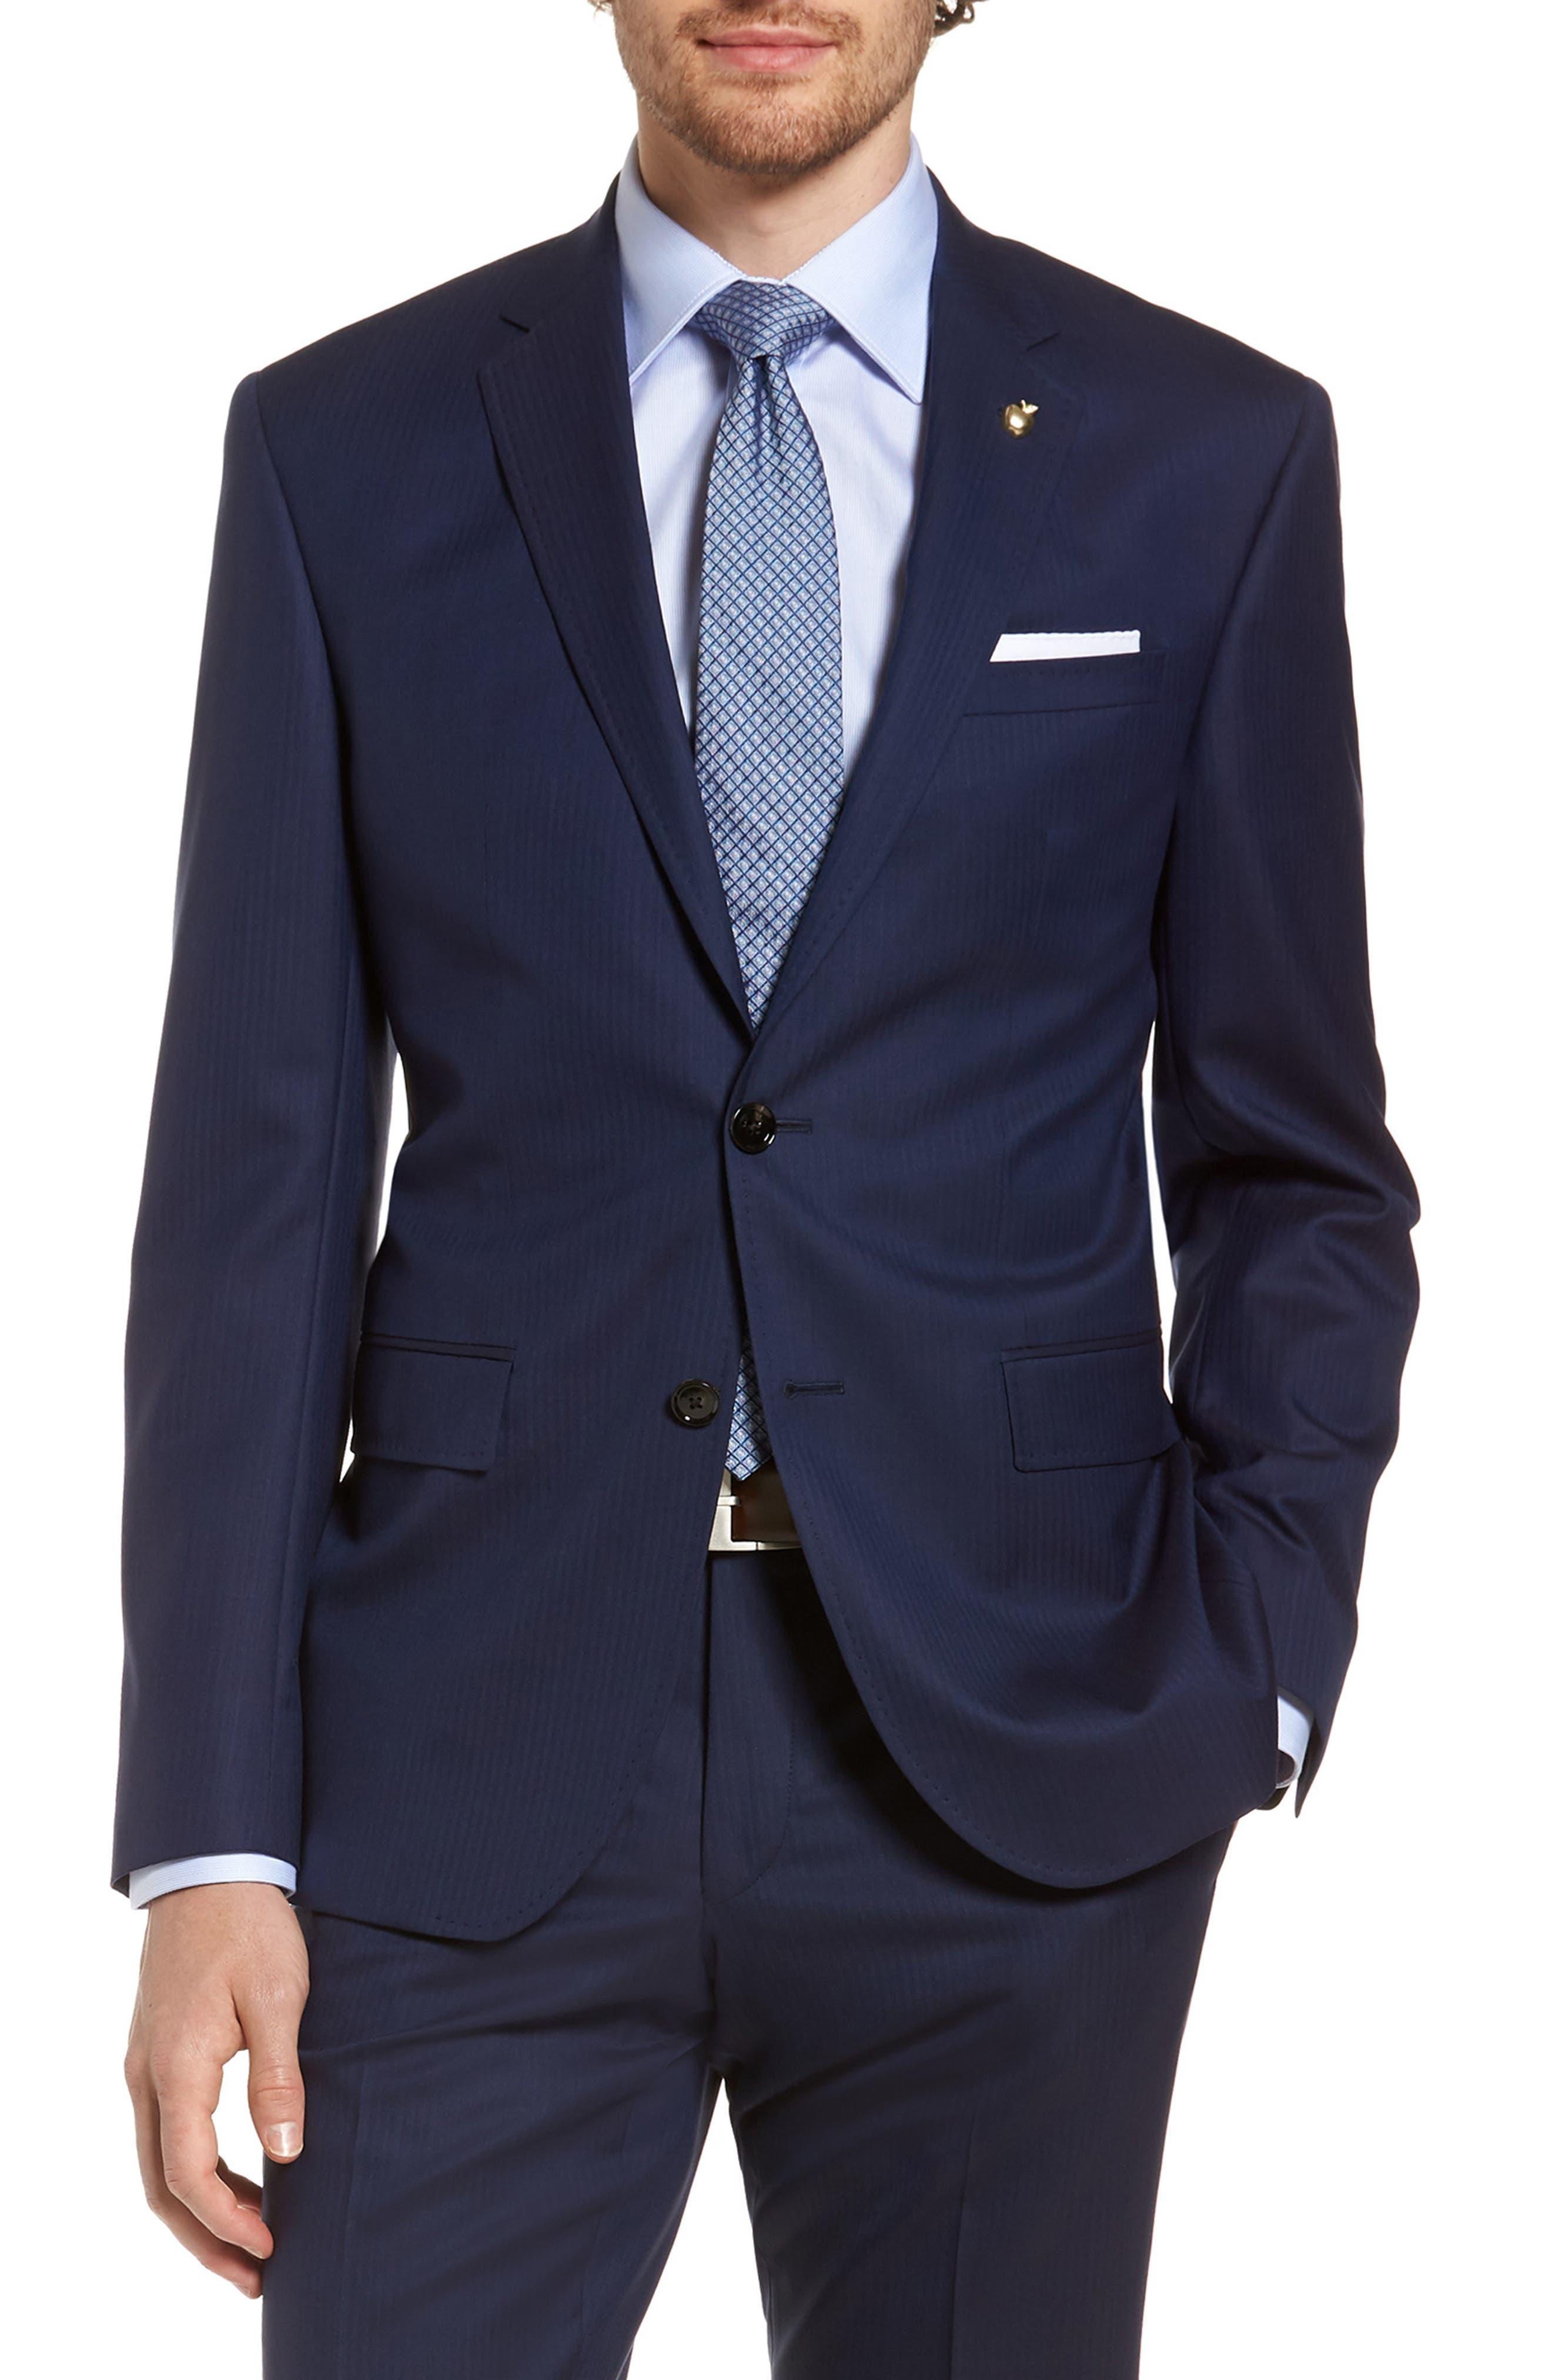 Jay Trim Fit Stripe Wool Suit,                             Alternate thumbnail 7, color,                             410